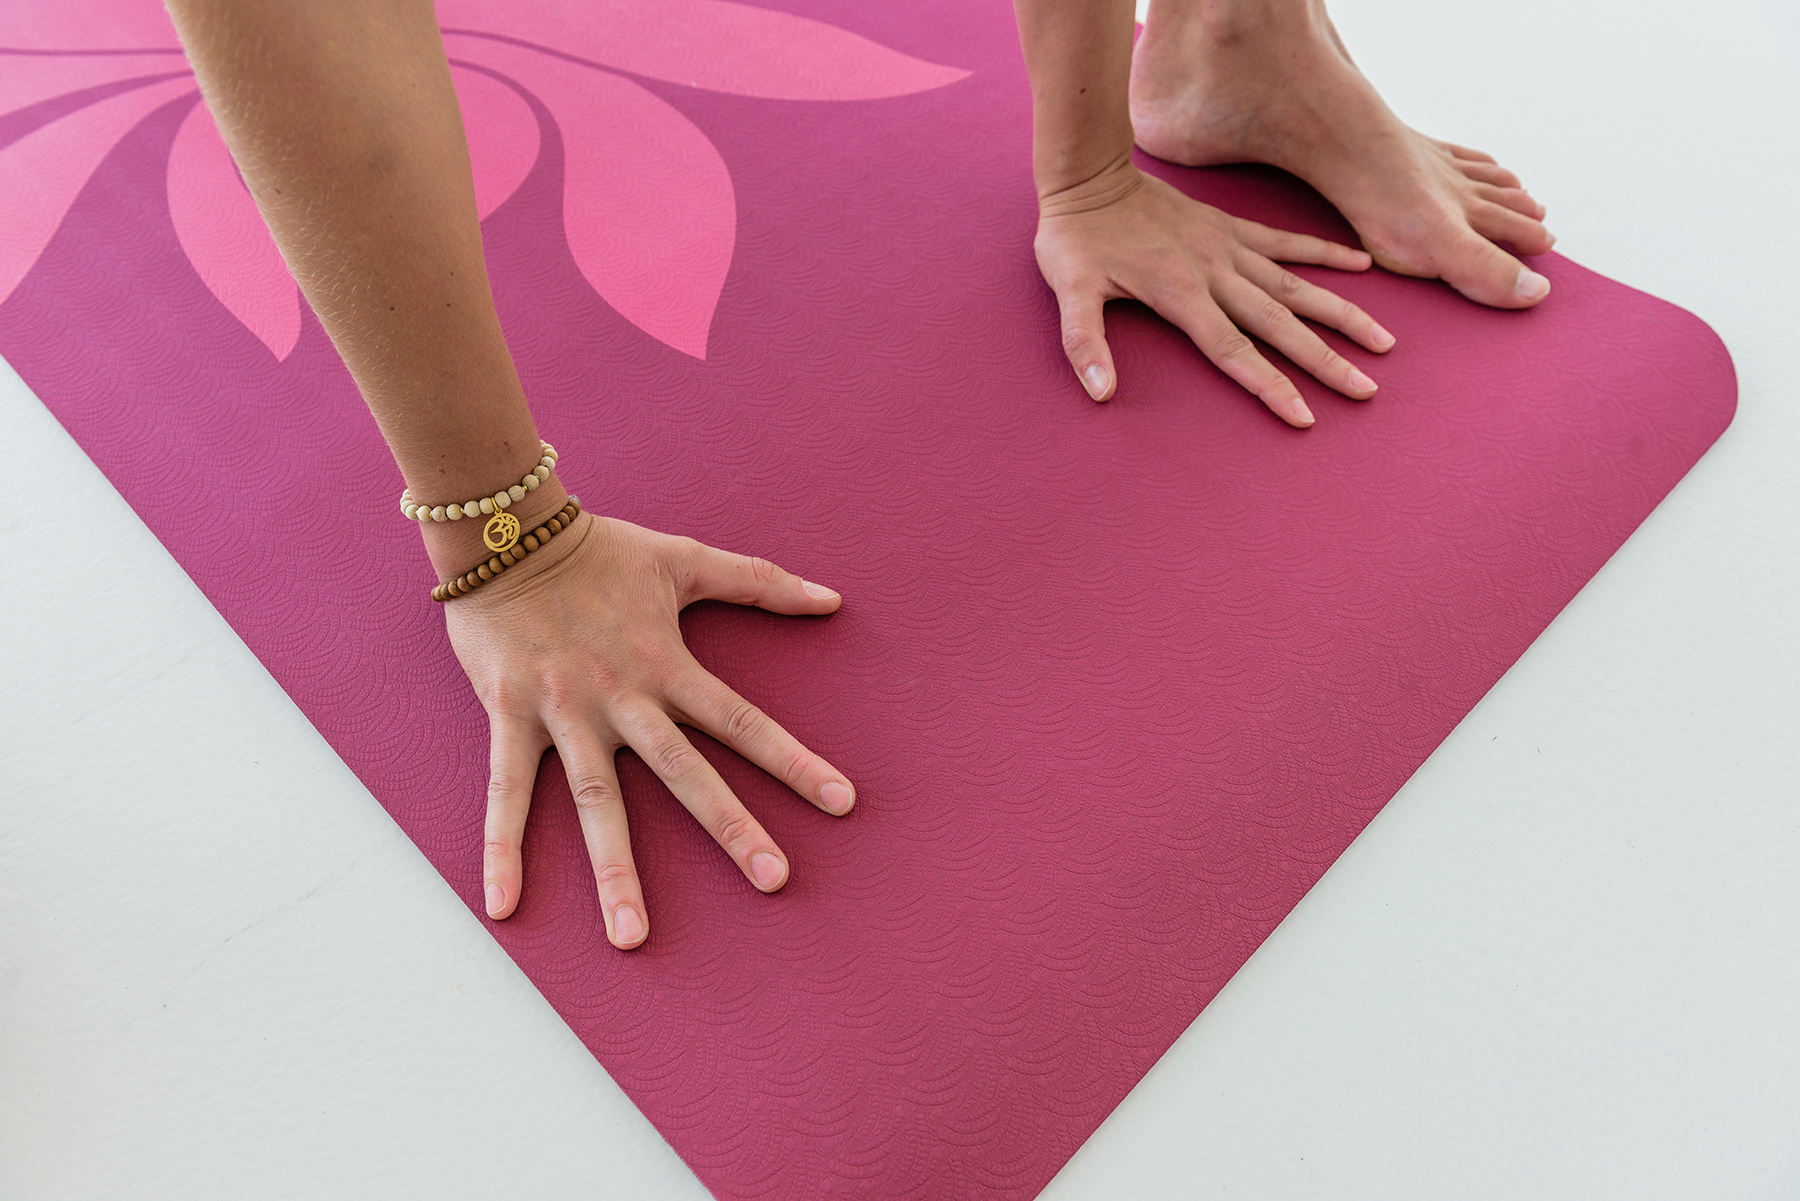 Yogamatte pro art collection